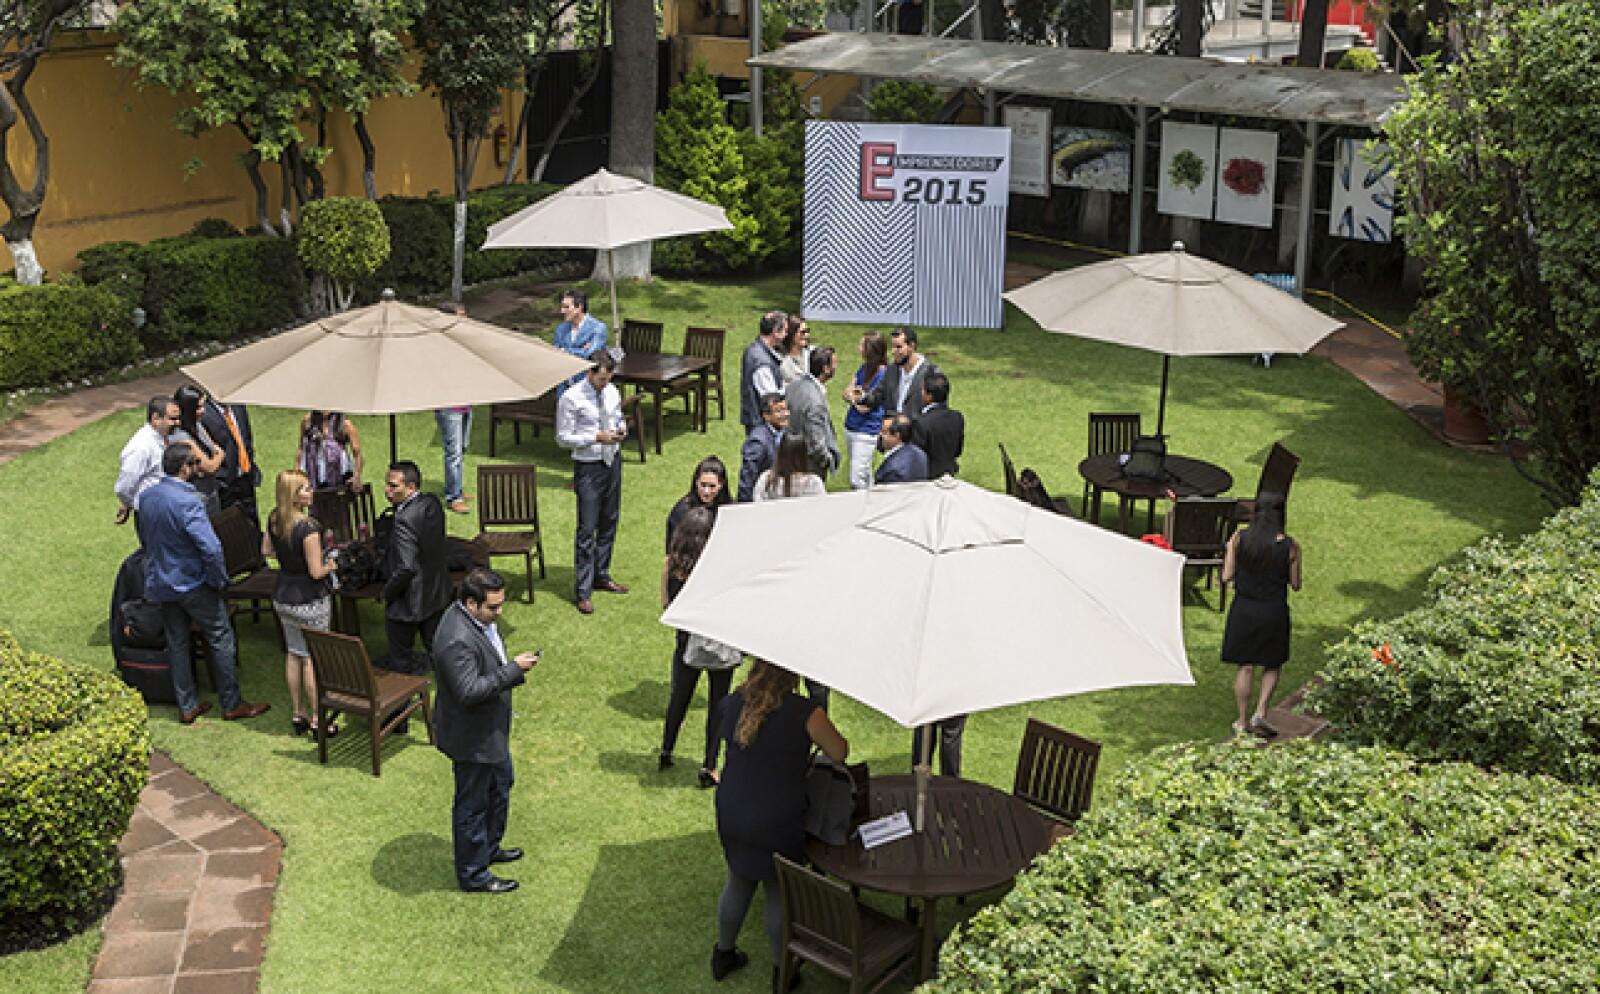 Desde las primeras horas, los finalistas comenzaron a llegar a las instalaciones de Grupo Expansión para dar inicio a las actividades previas a su presentación oficial, que se llevó a cabo por la noche.